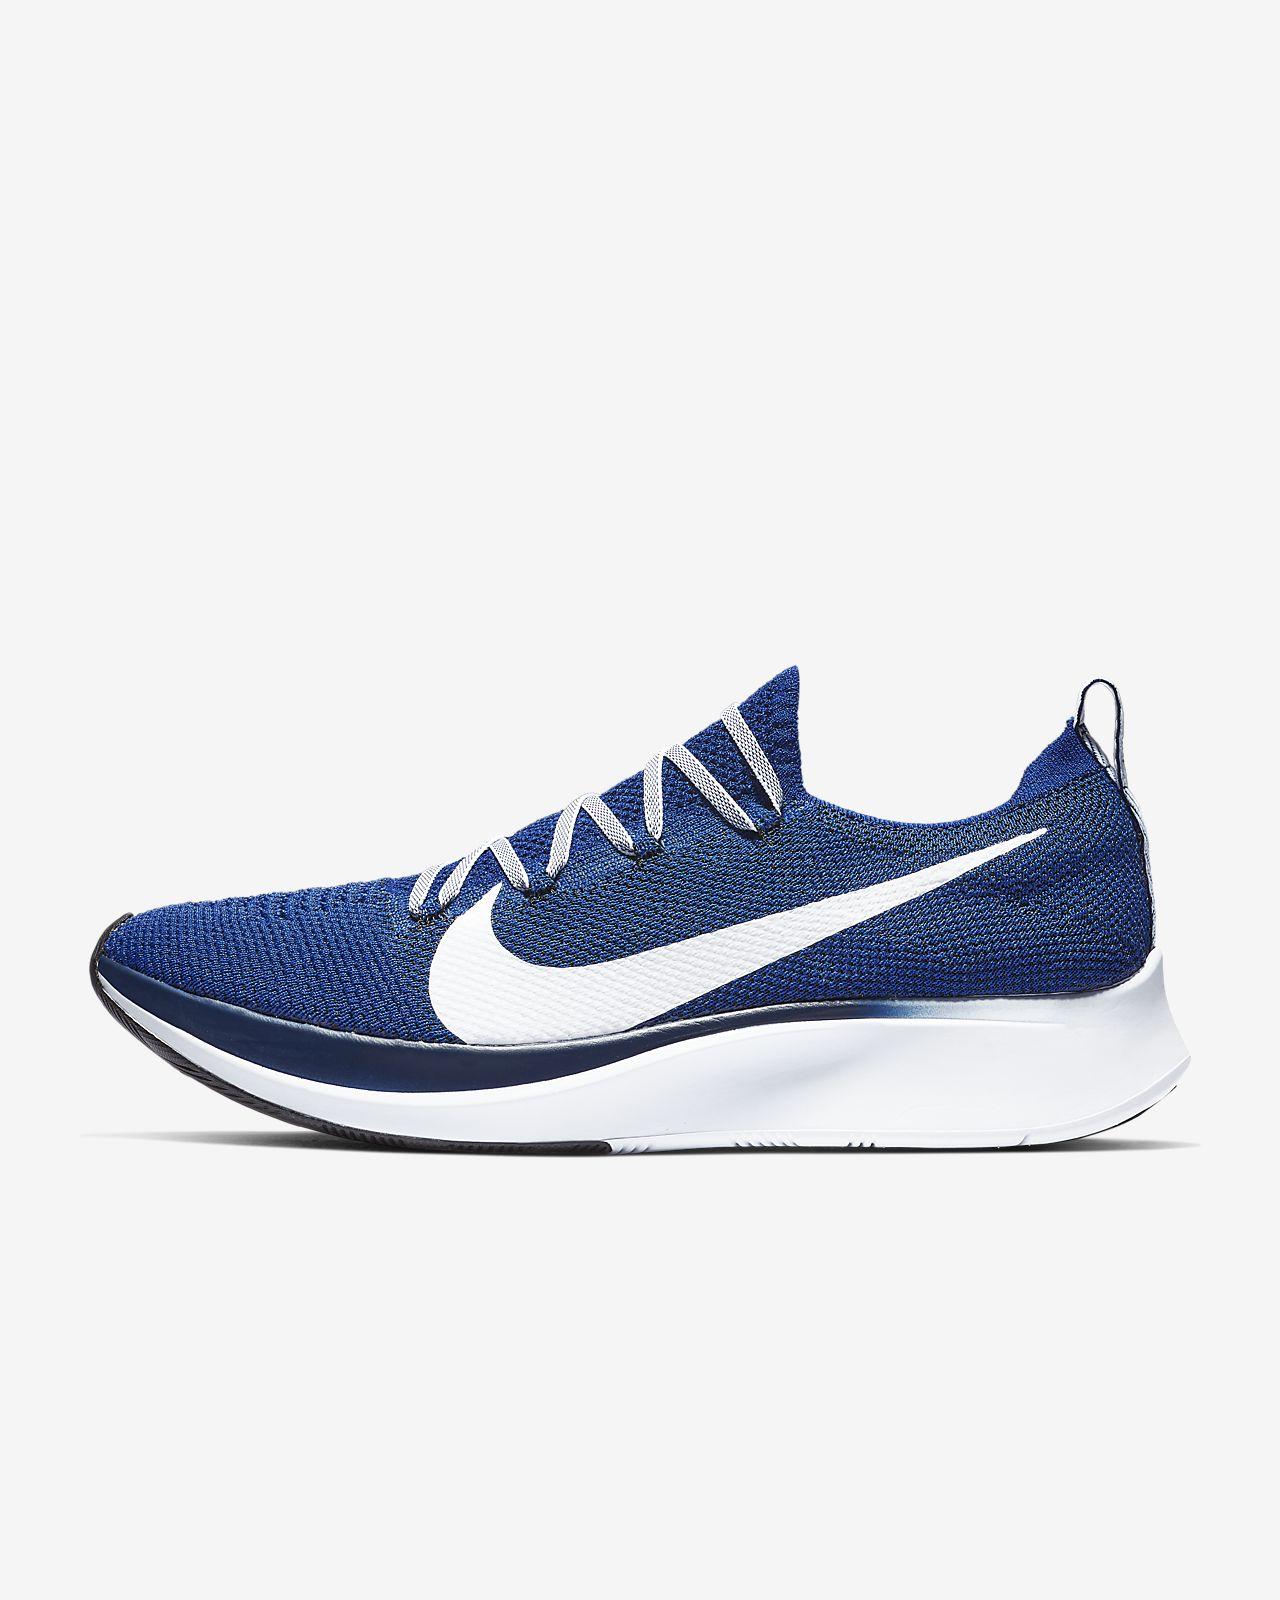 newest d150f d728d Nike Zoom Fly Flyknit Men's Running Shoe